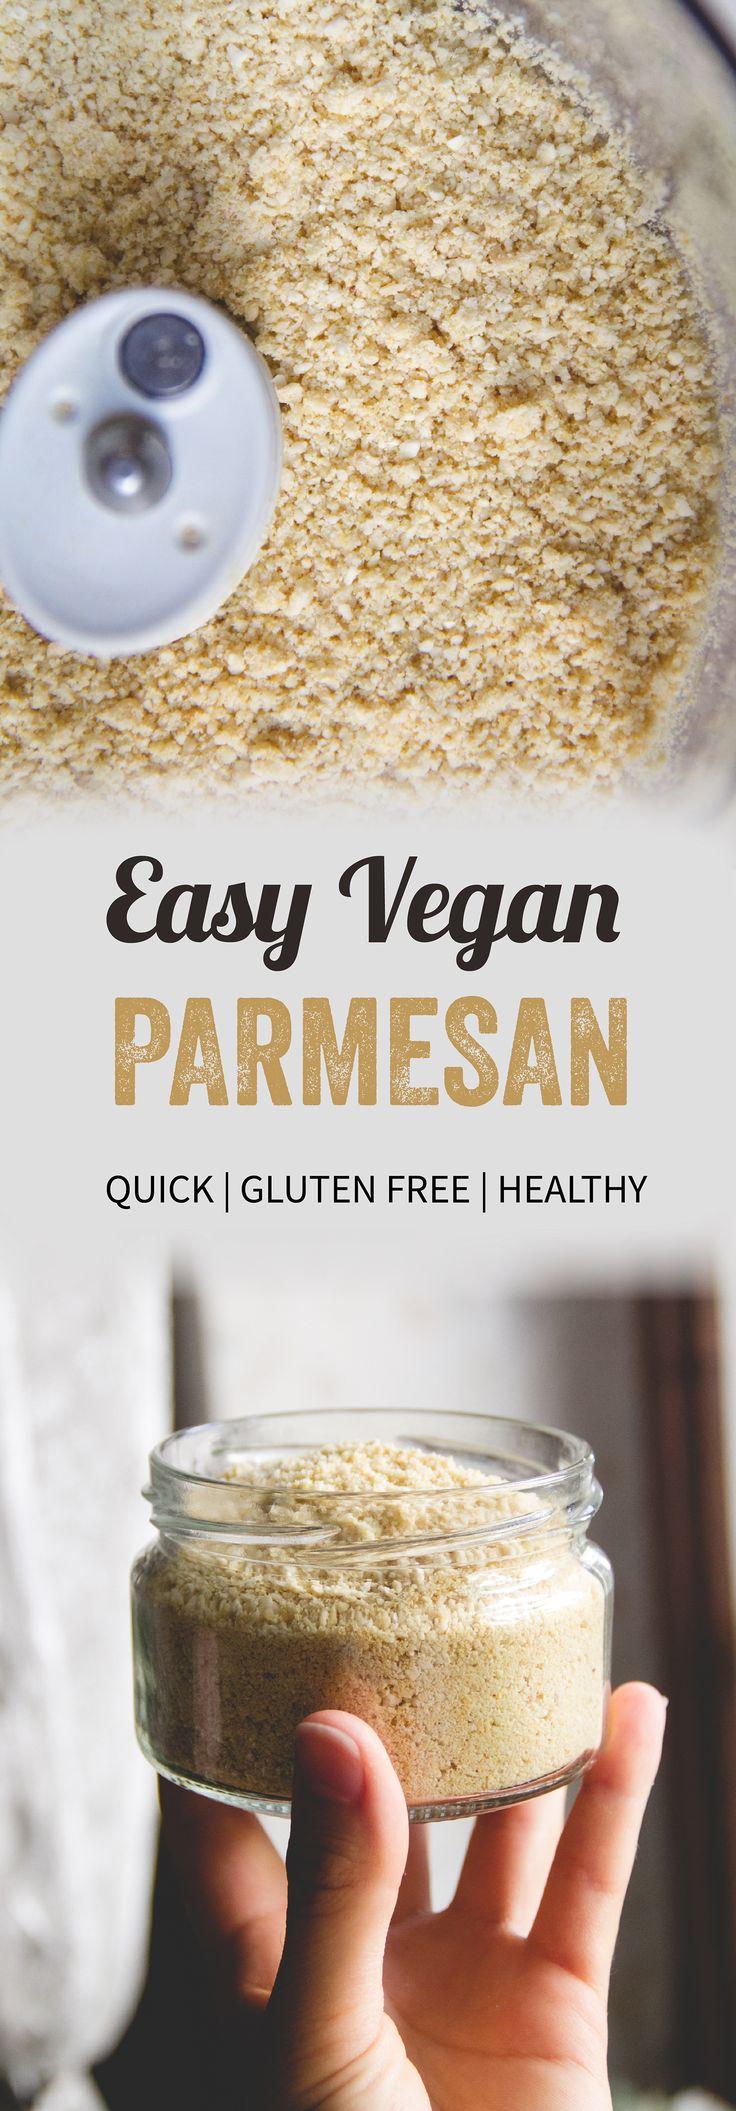 Easy 4-ingredient vegan parmesan. Parmesano vegano, solo 4 ingredientes.